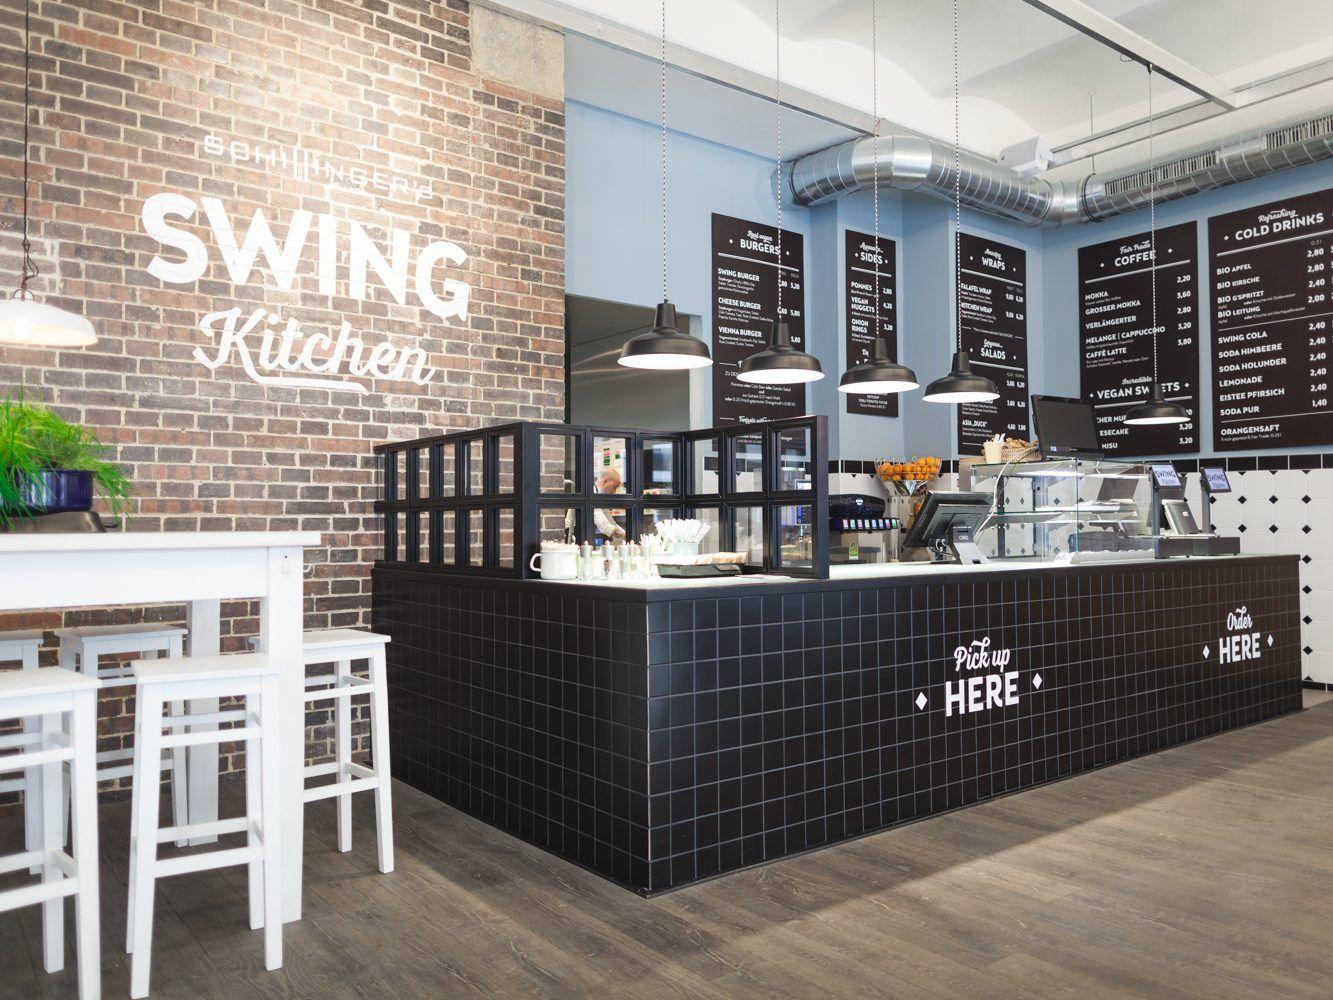 Swing Kitchen: Rolling Pin Award für bestes Gastrokonzept - Kulinarik Wien  - VIENNA.AT